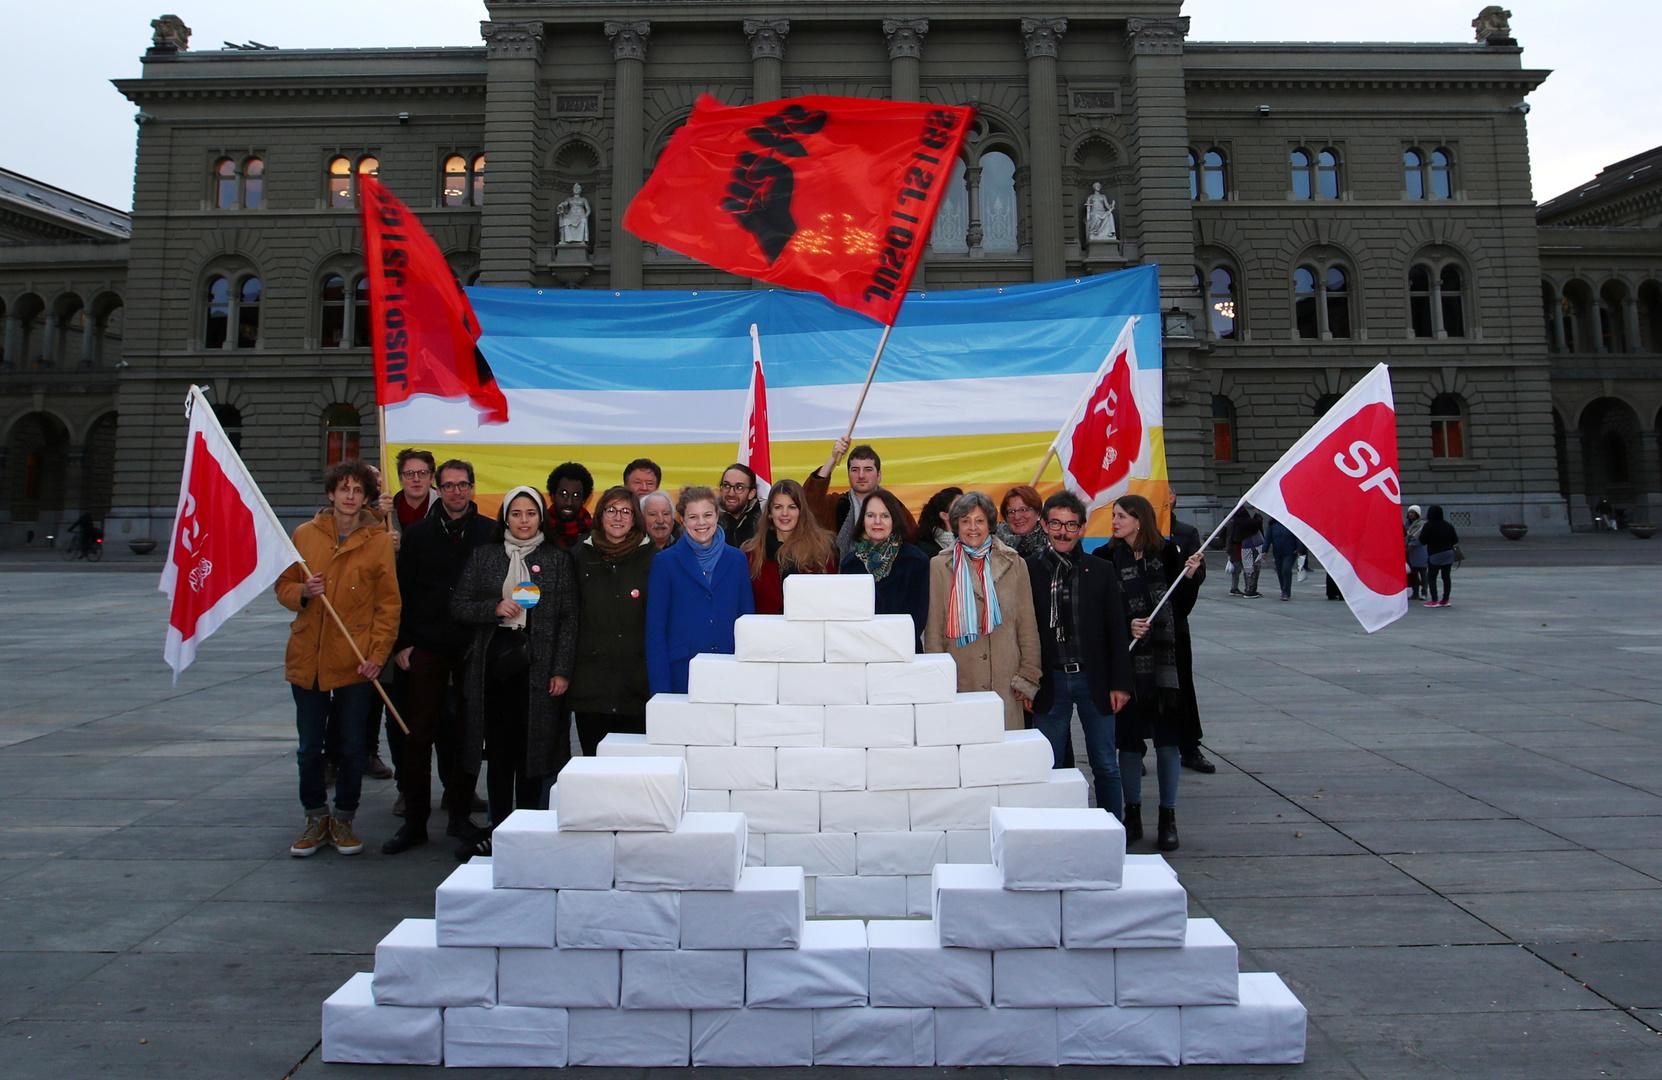 انقسام في الحزب الاشتراكي السويسري بسبب الصهيونية